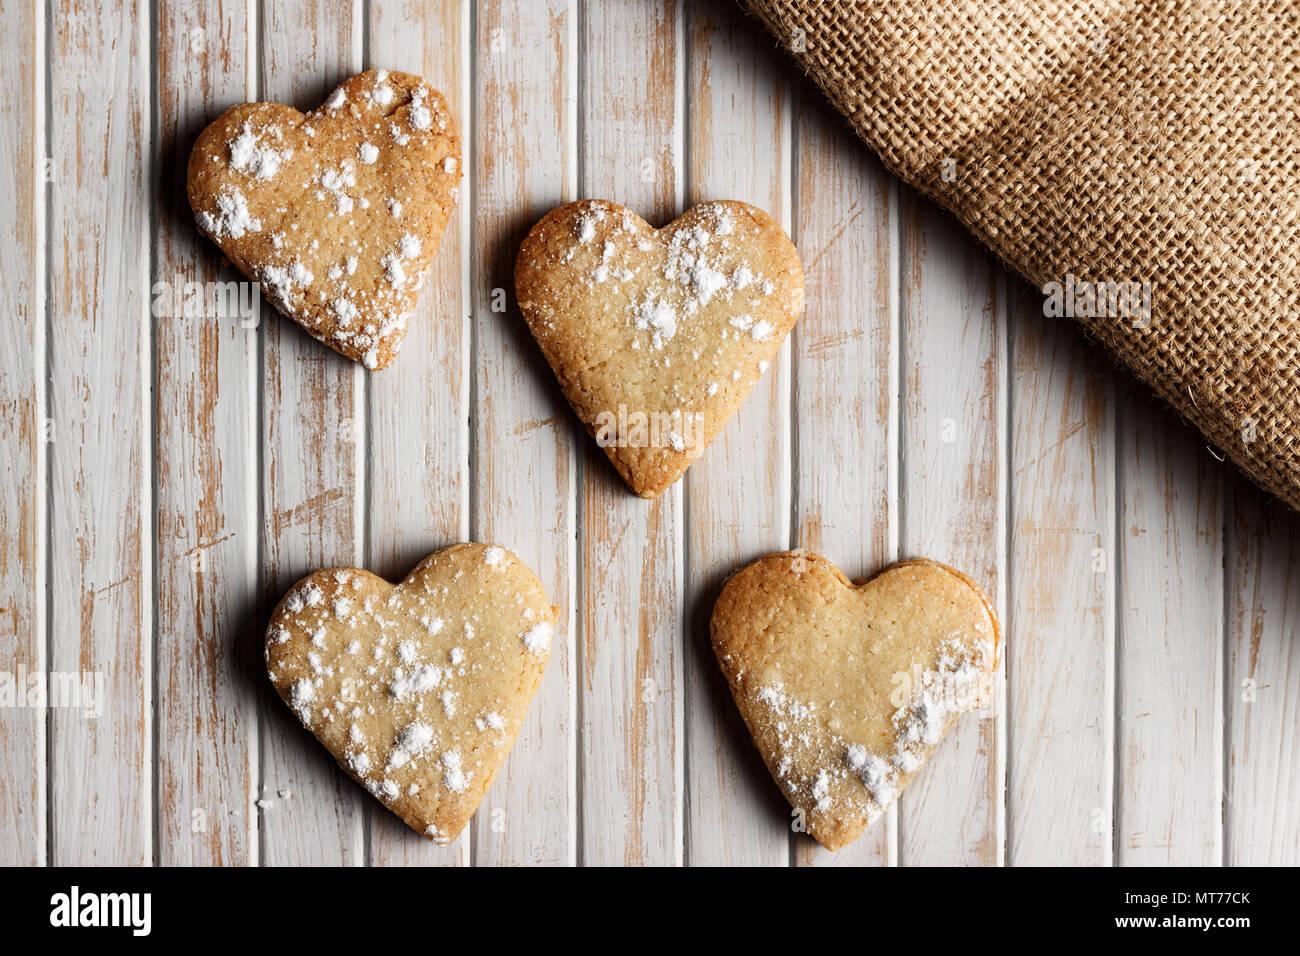 Délicieux cookies en forme de cœur saupoudrée de sucre glace dans une planche de bois. Image horizontale vue d'en haut. Photo Stock